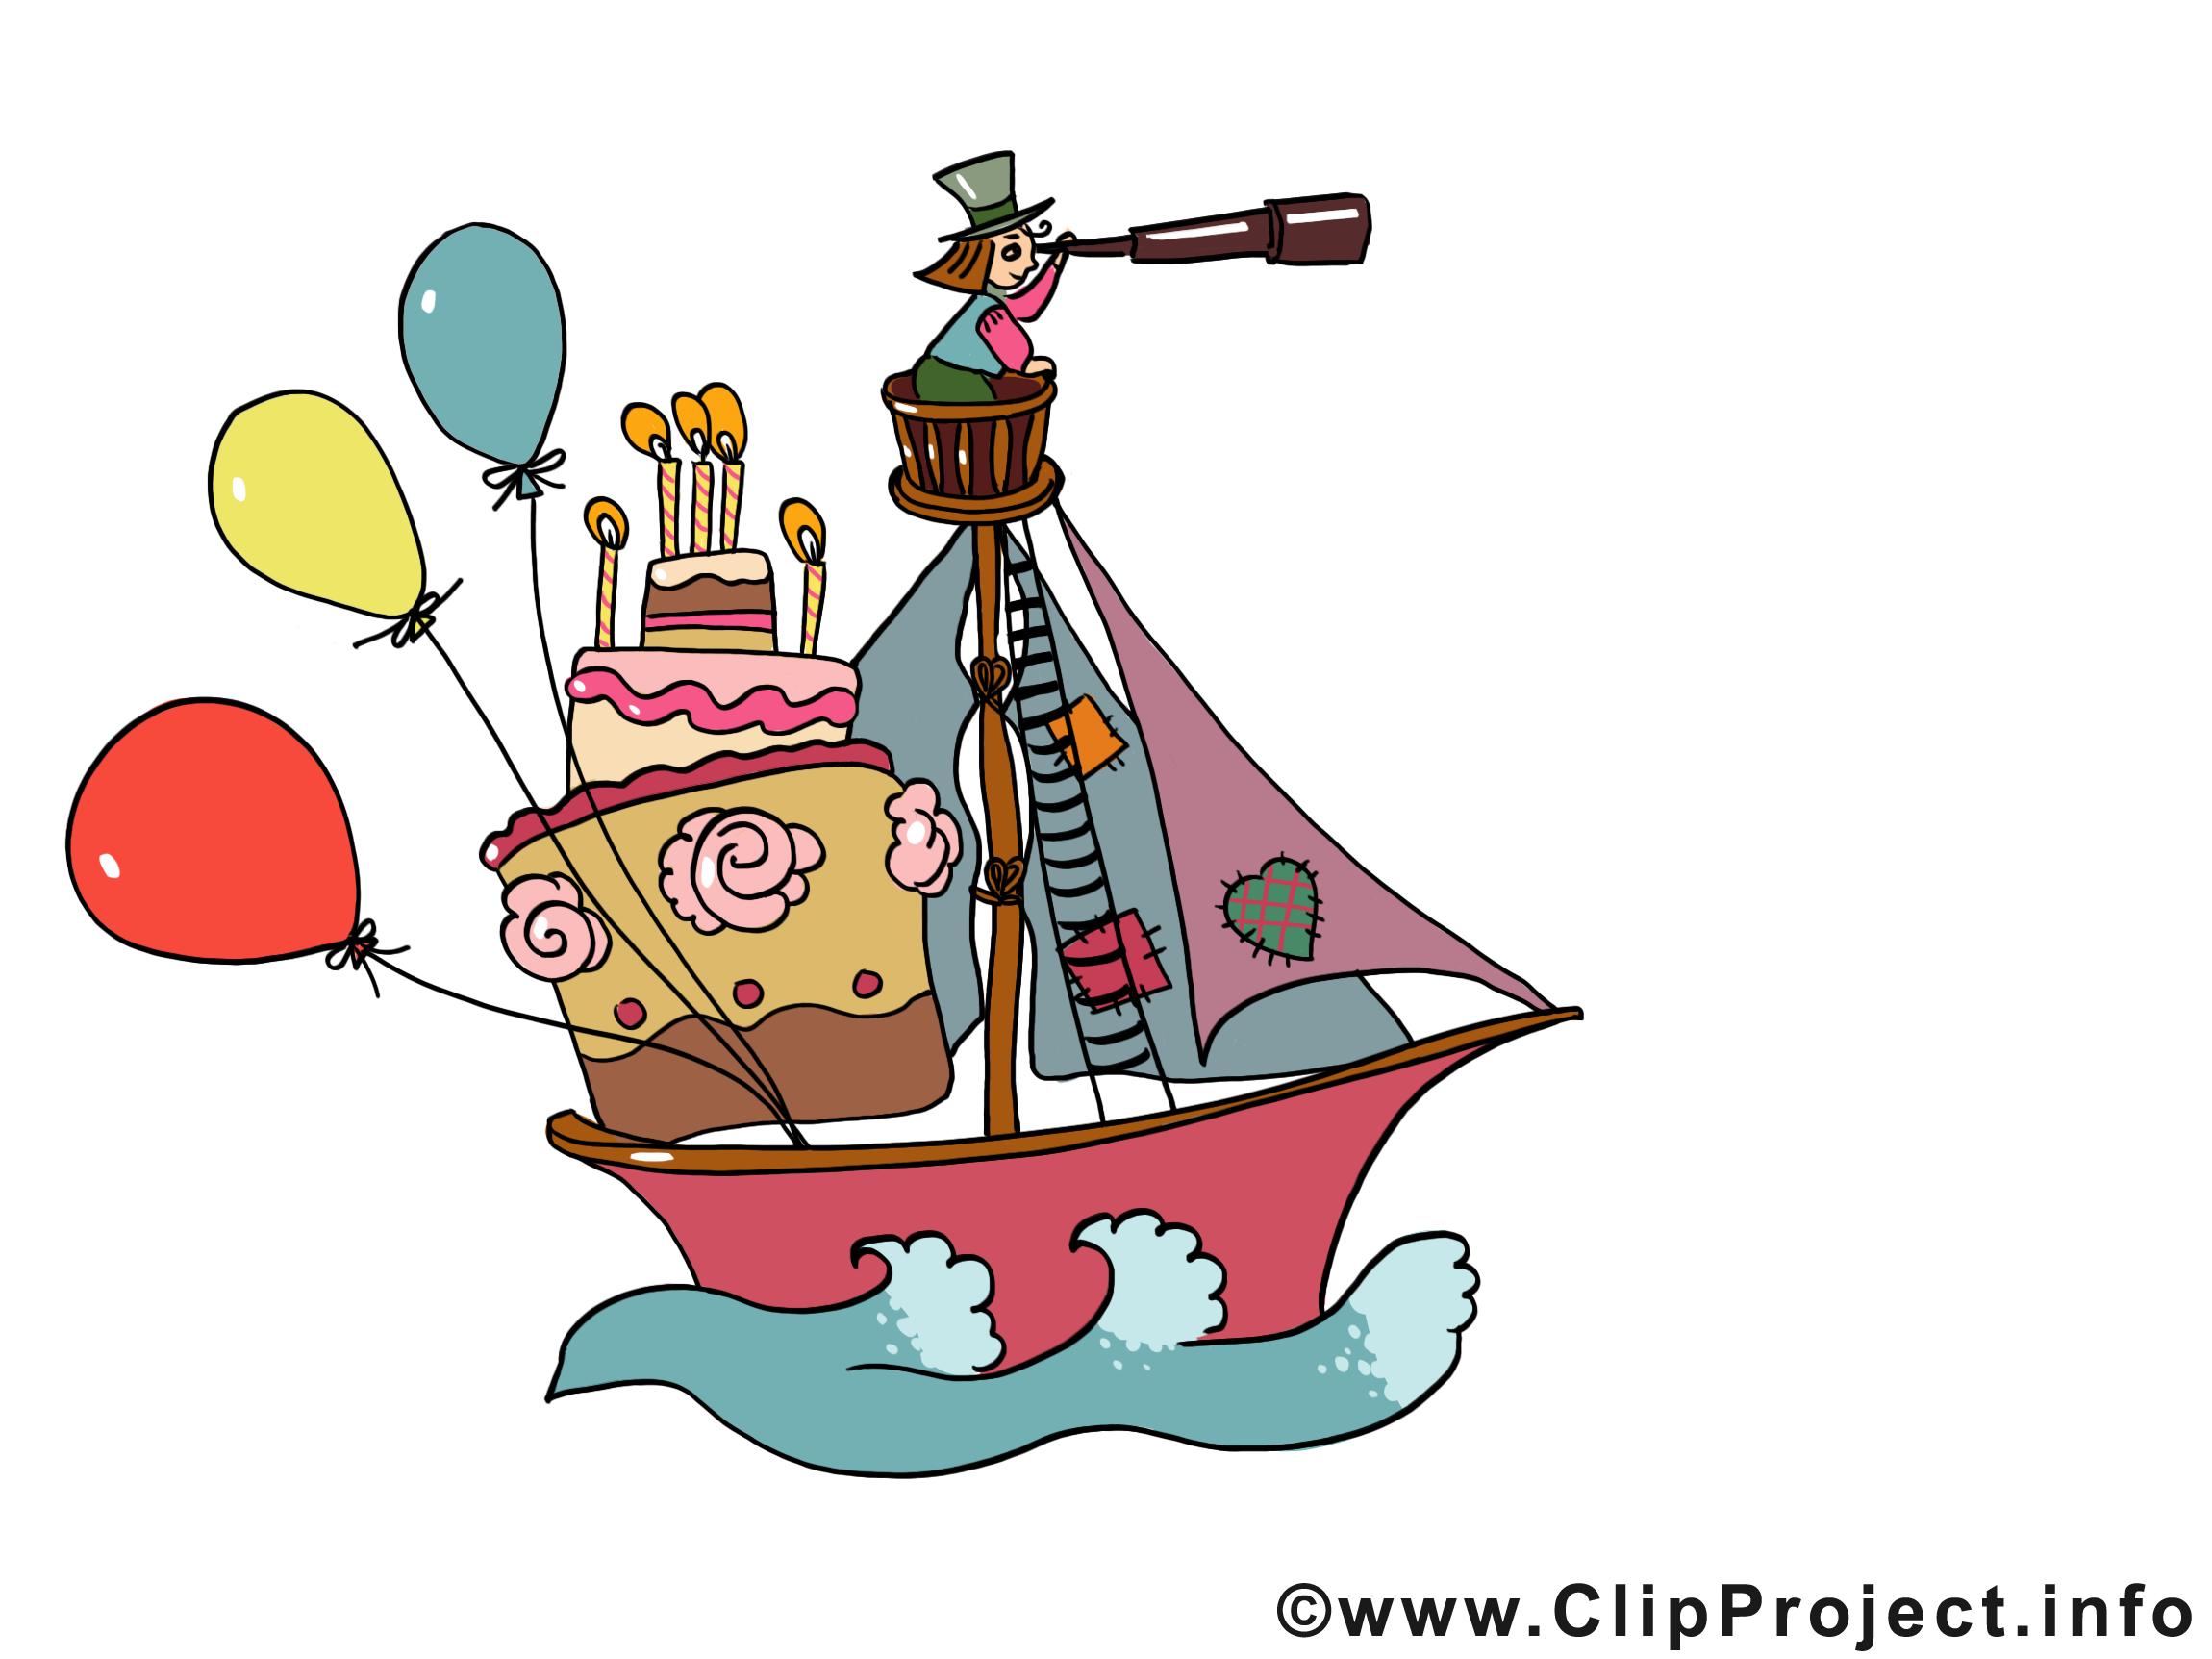 Fête bateau image à télécharger – Armée clipart